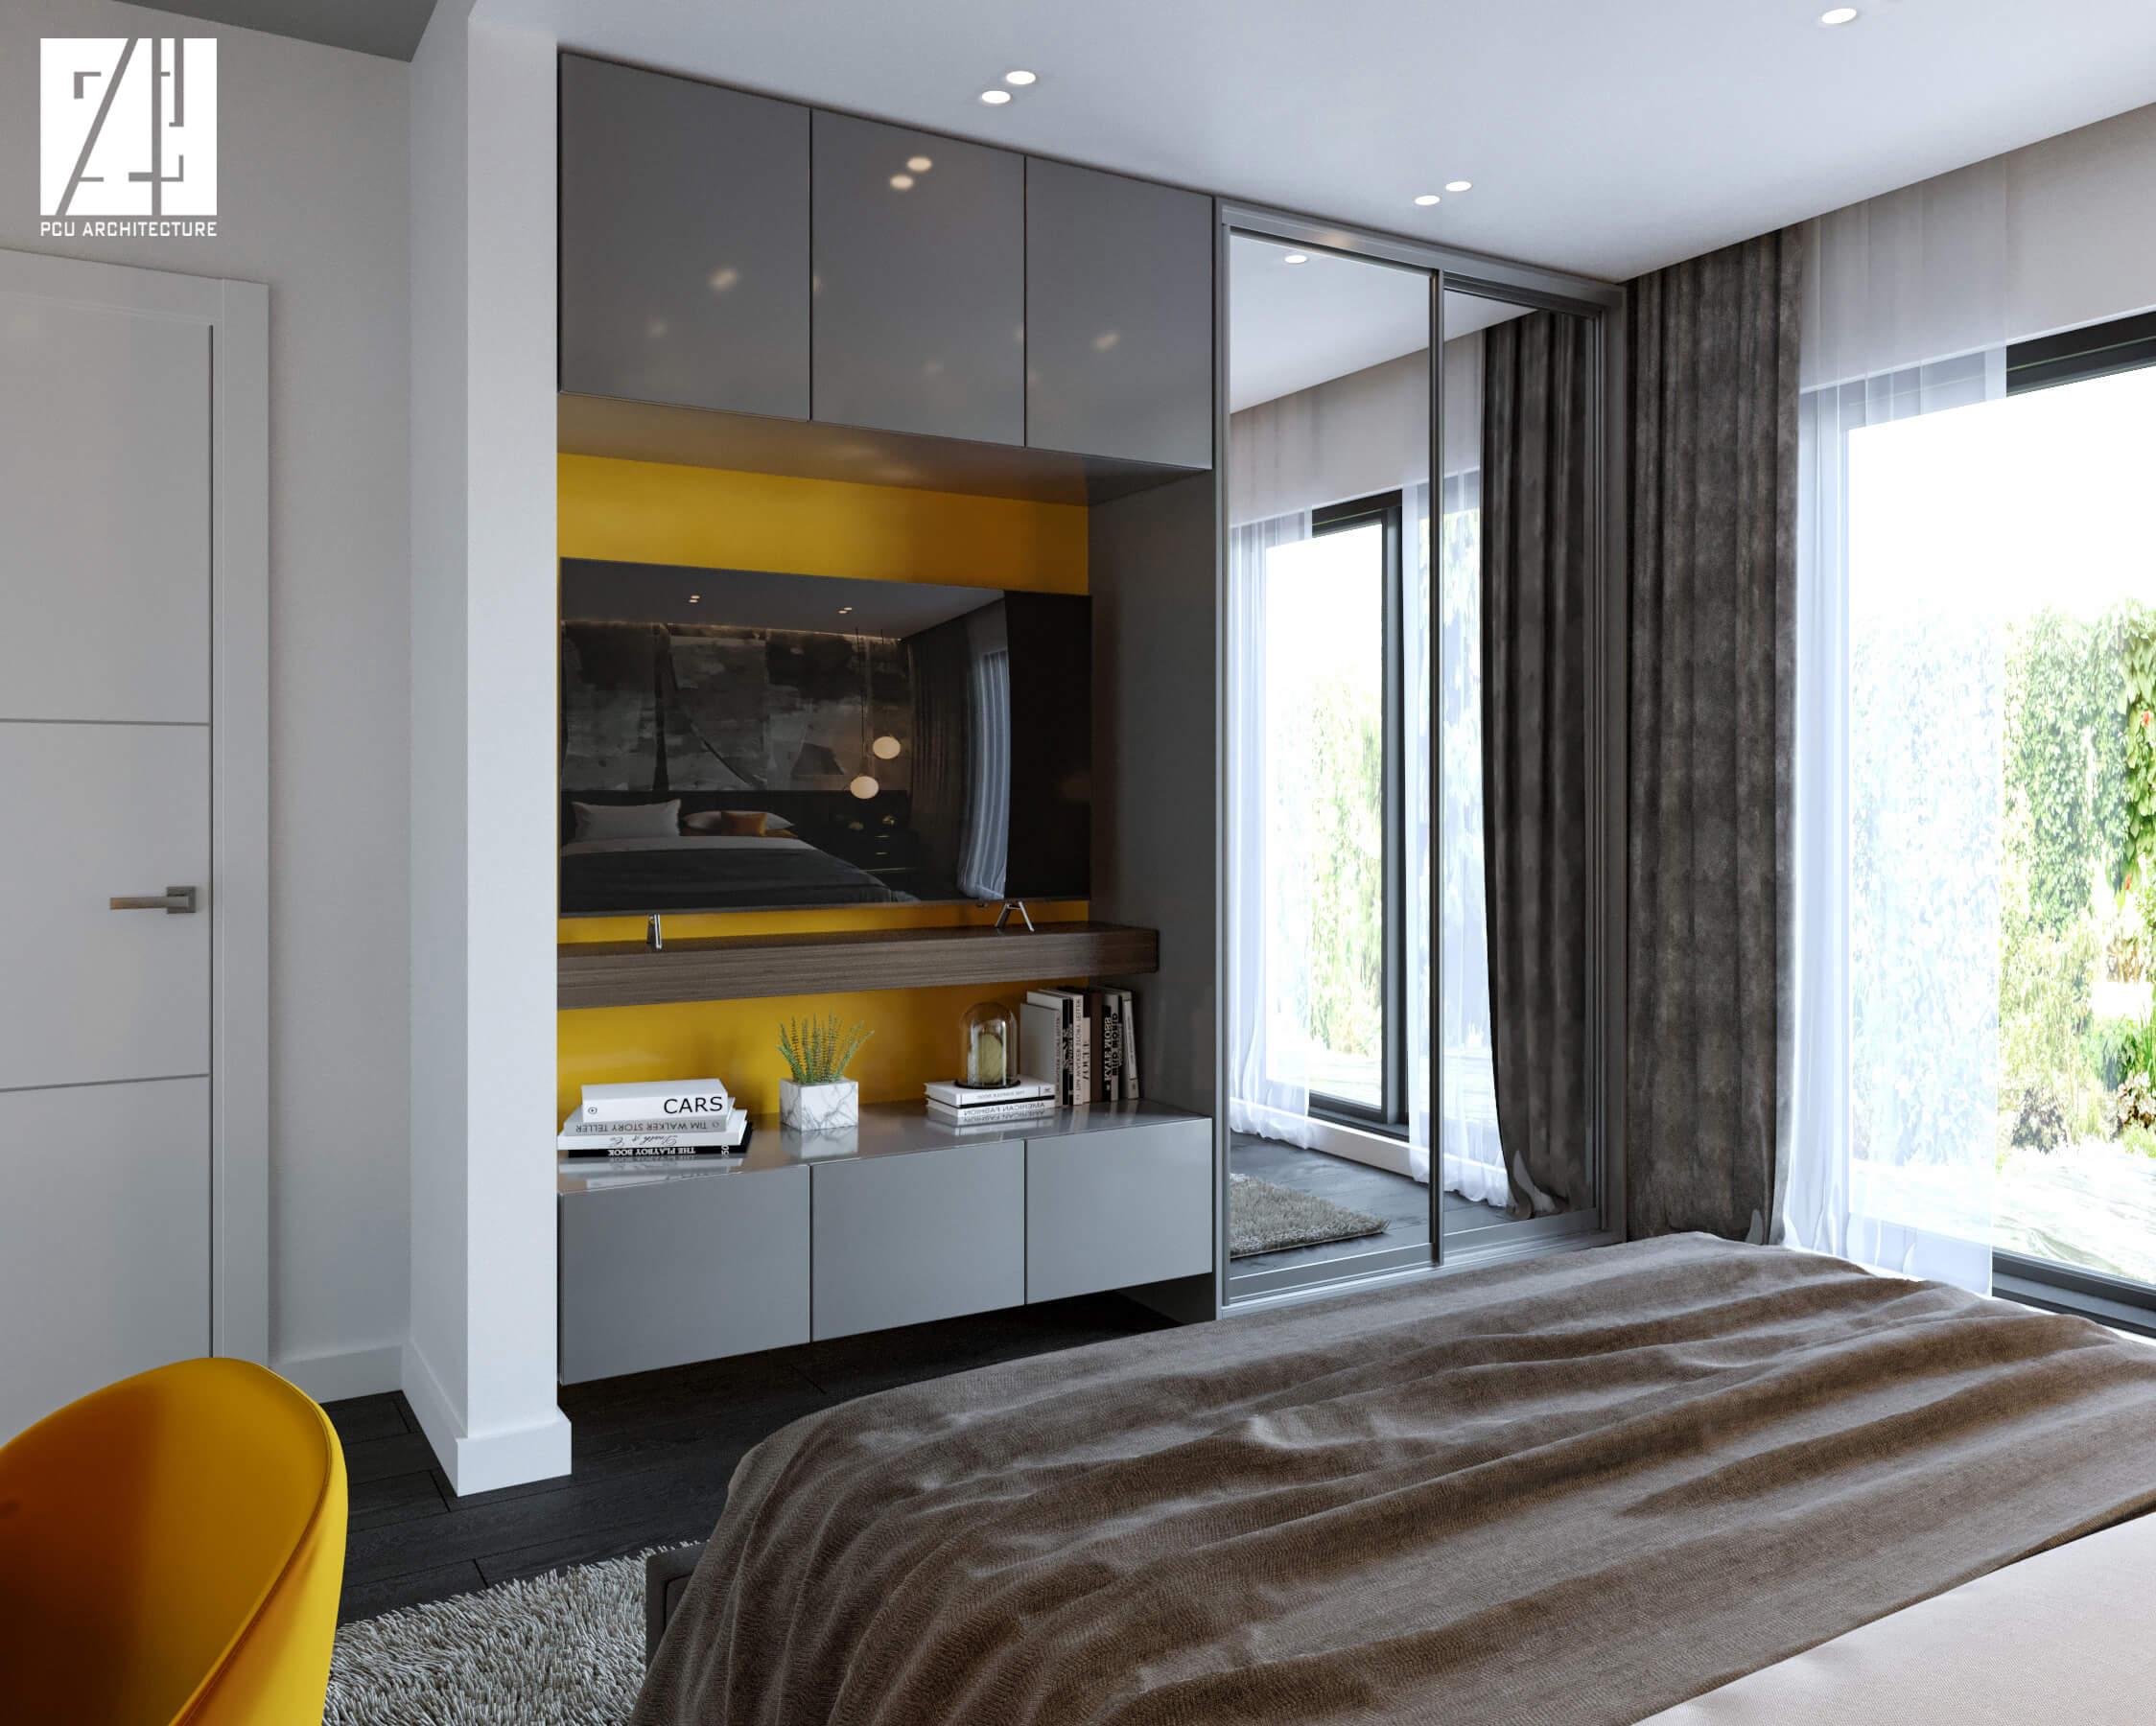 04_DI_CASA 1_BUZAU_Dormitor Oaspeti_3